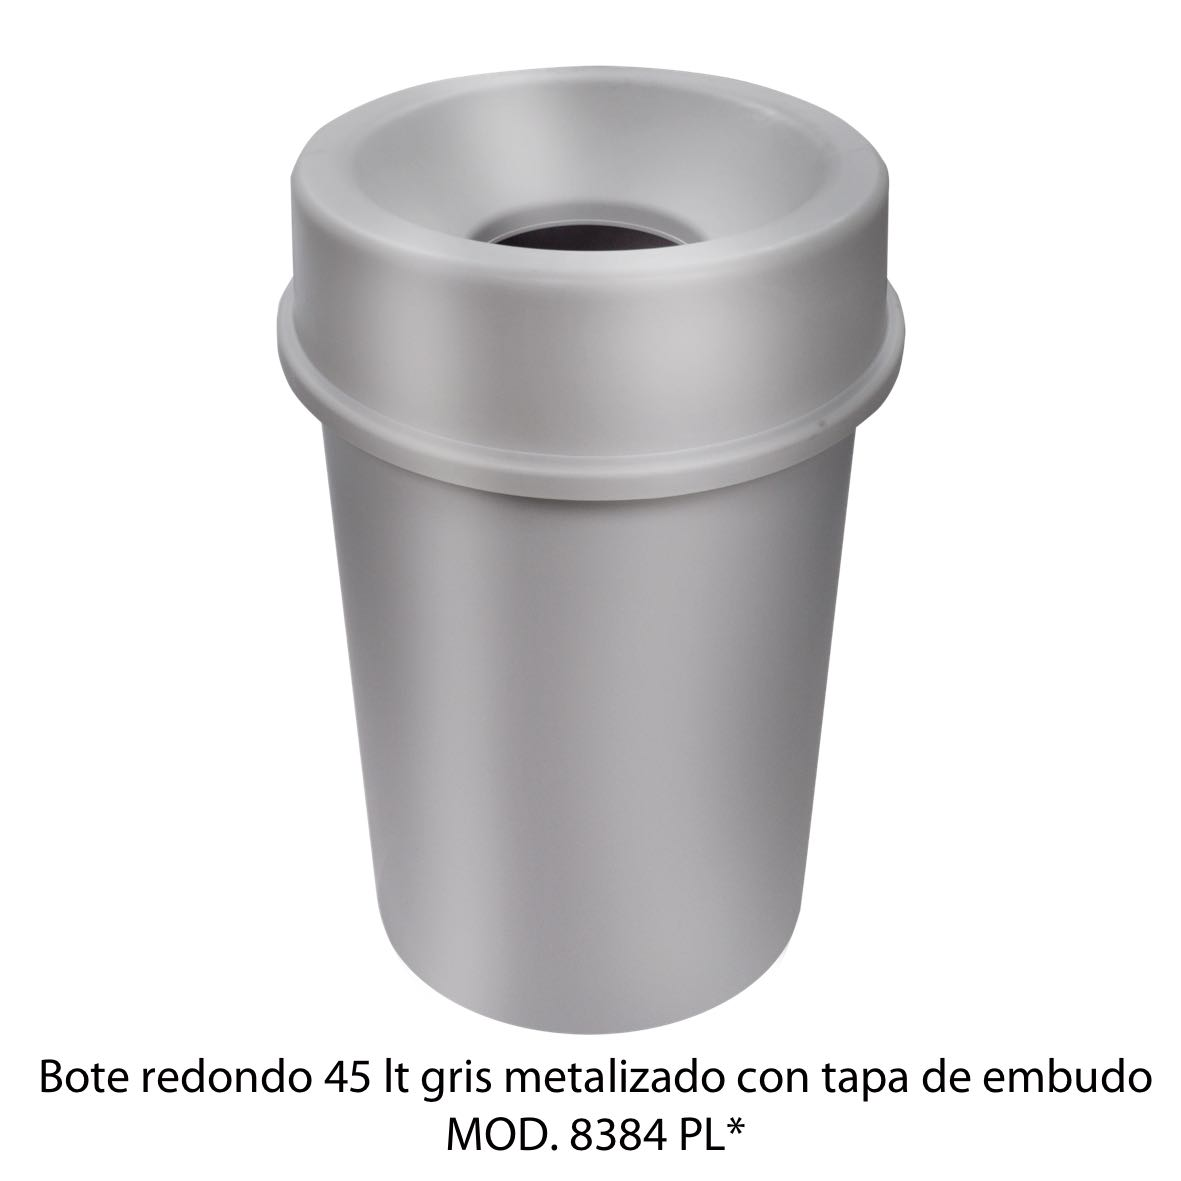 Bote de basura redondo 45 litros con tapa de embudo color gris metalizado modelo 8384 PL Sablón